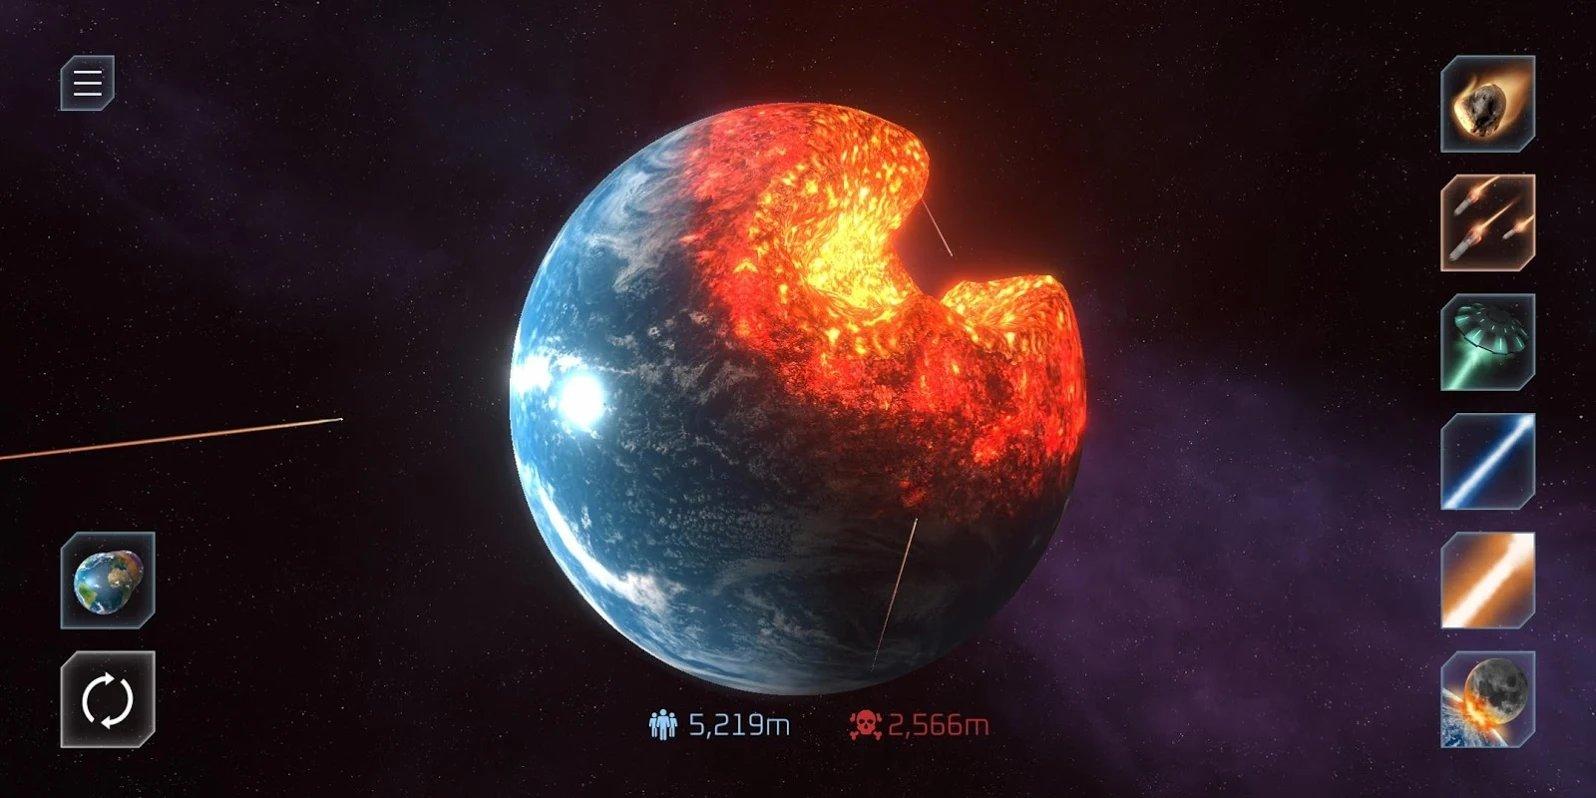 星球毁灭模拟器平面地球下载图2: